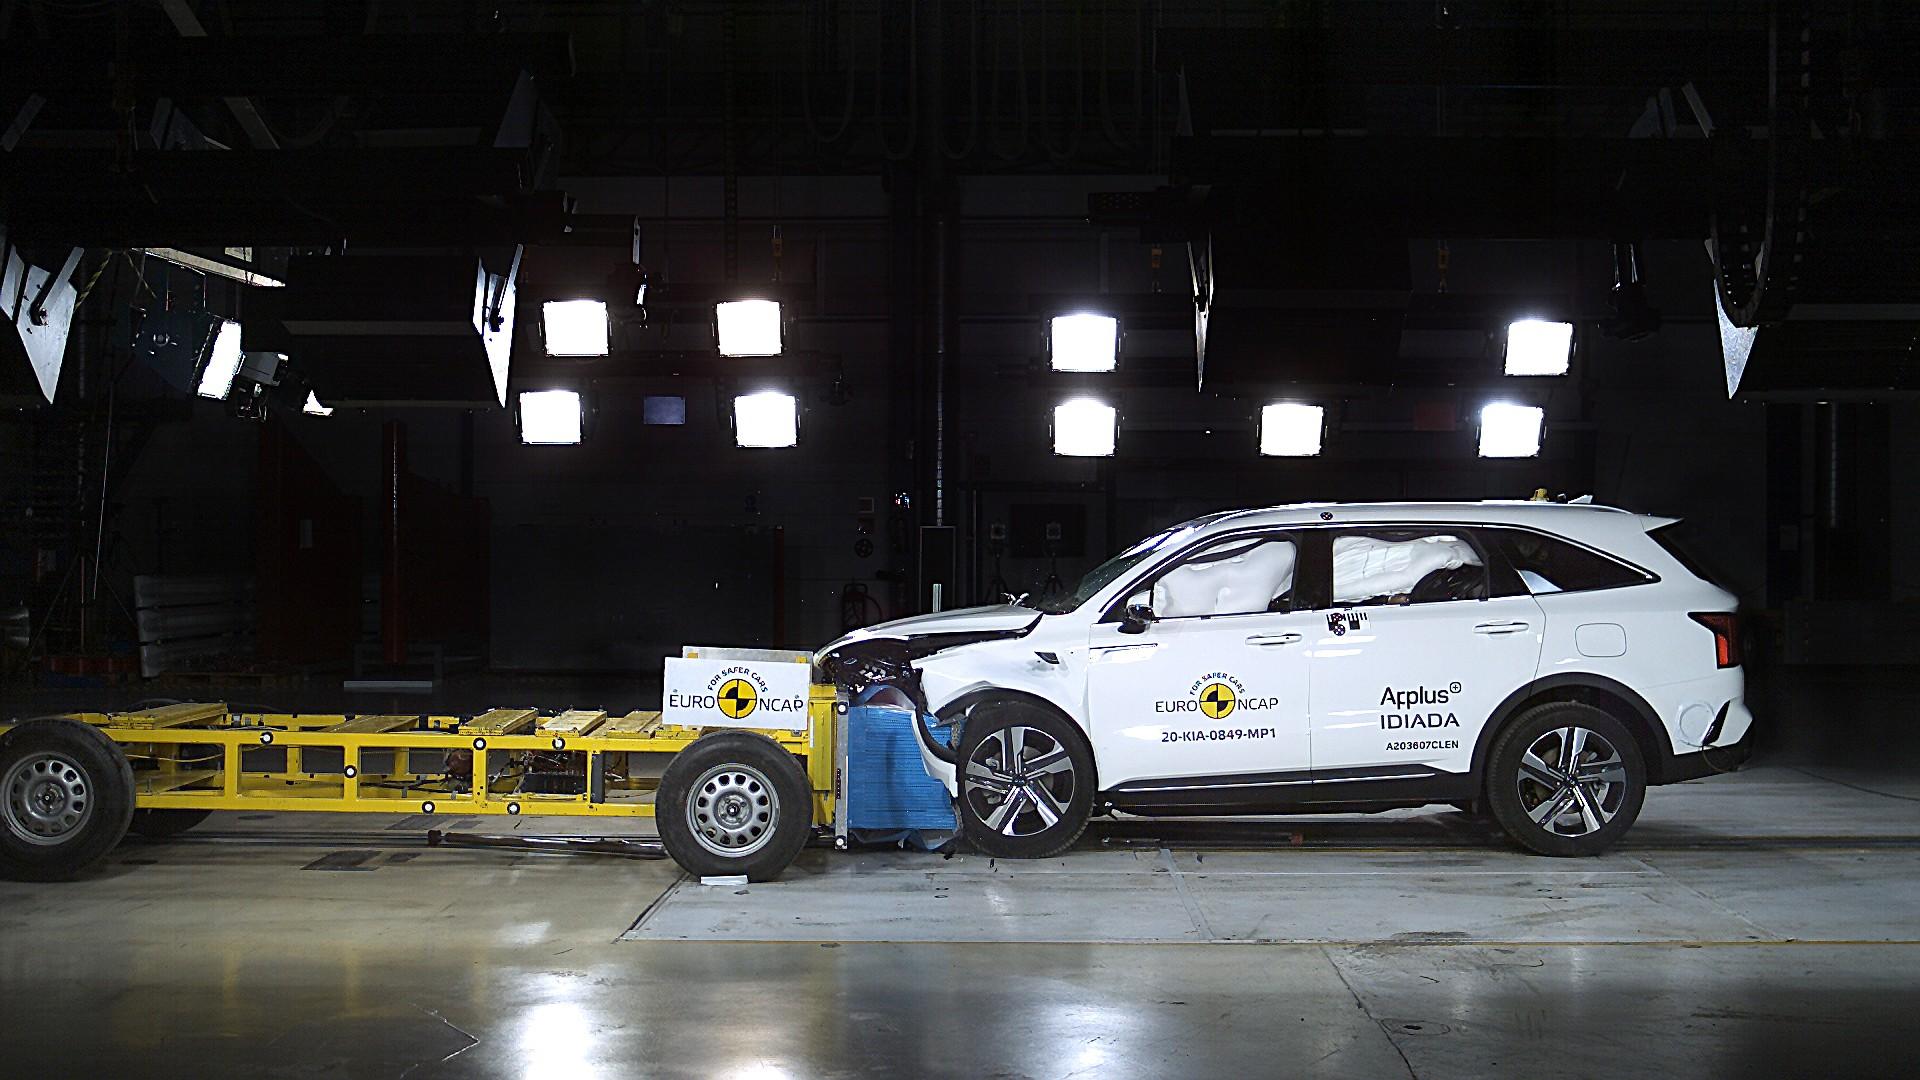 Kia Sorento в тестах Euro NCAP: серьёзные проблемы на «встречке» и хорошая электроника аварии,авто,авто и мото,водителю на заметку,дтп,машины,новости автомира,пдд,Россия,тюнинг,штрафы и дтп